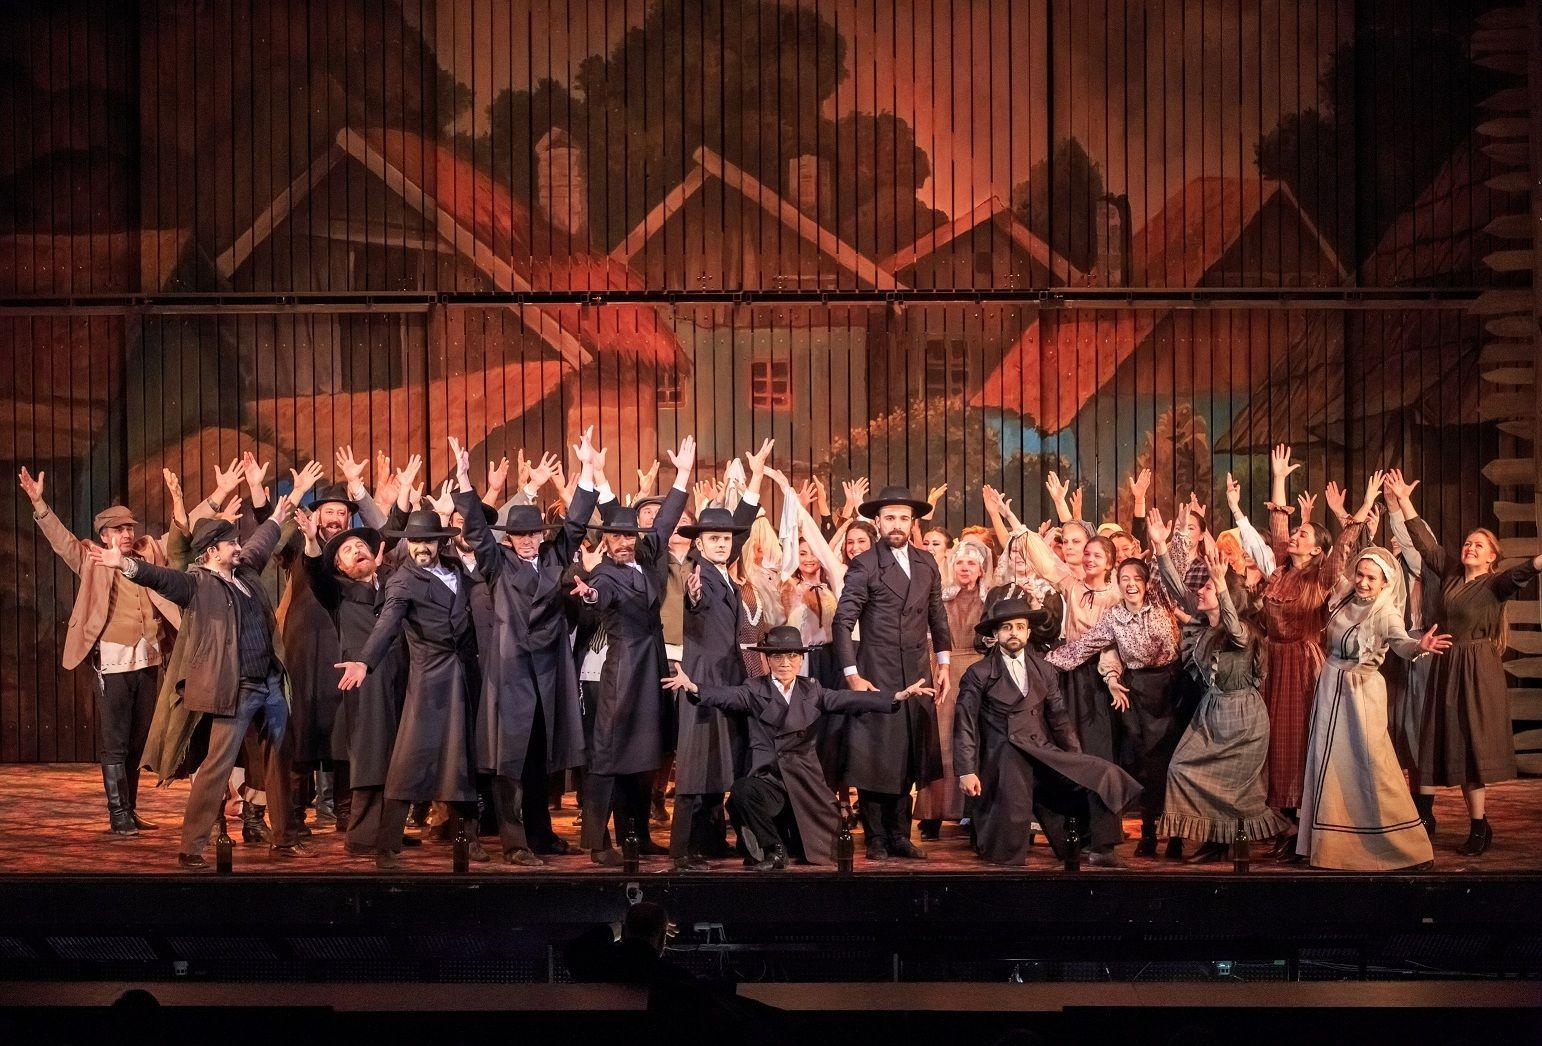 Театрален поклон, сцената, публиката